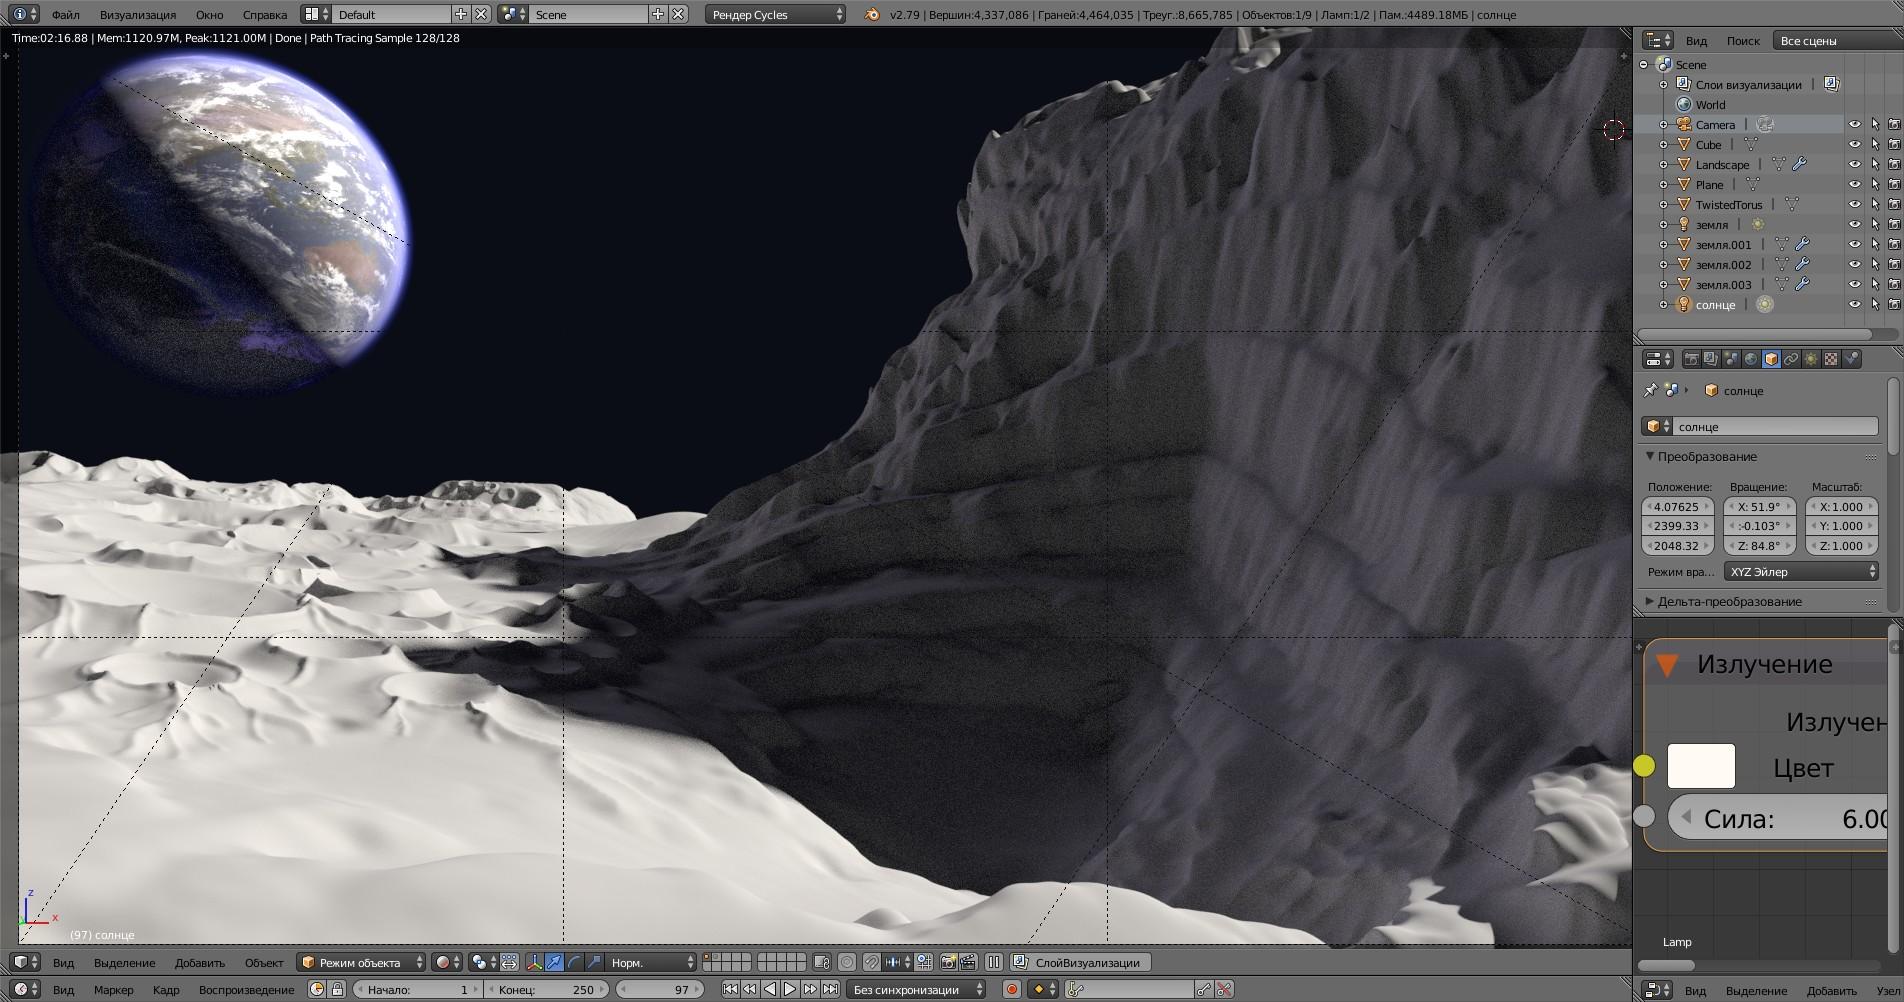 точка невозврата поверхность1.jpg